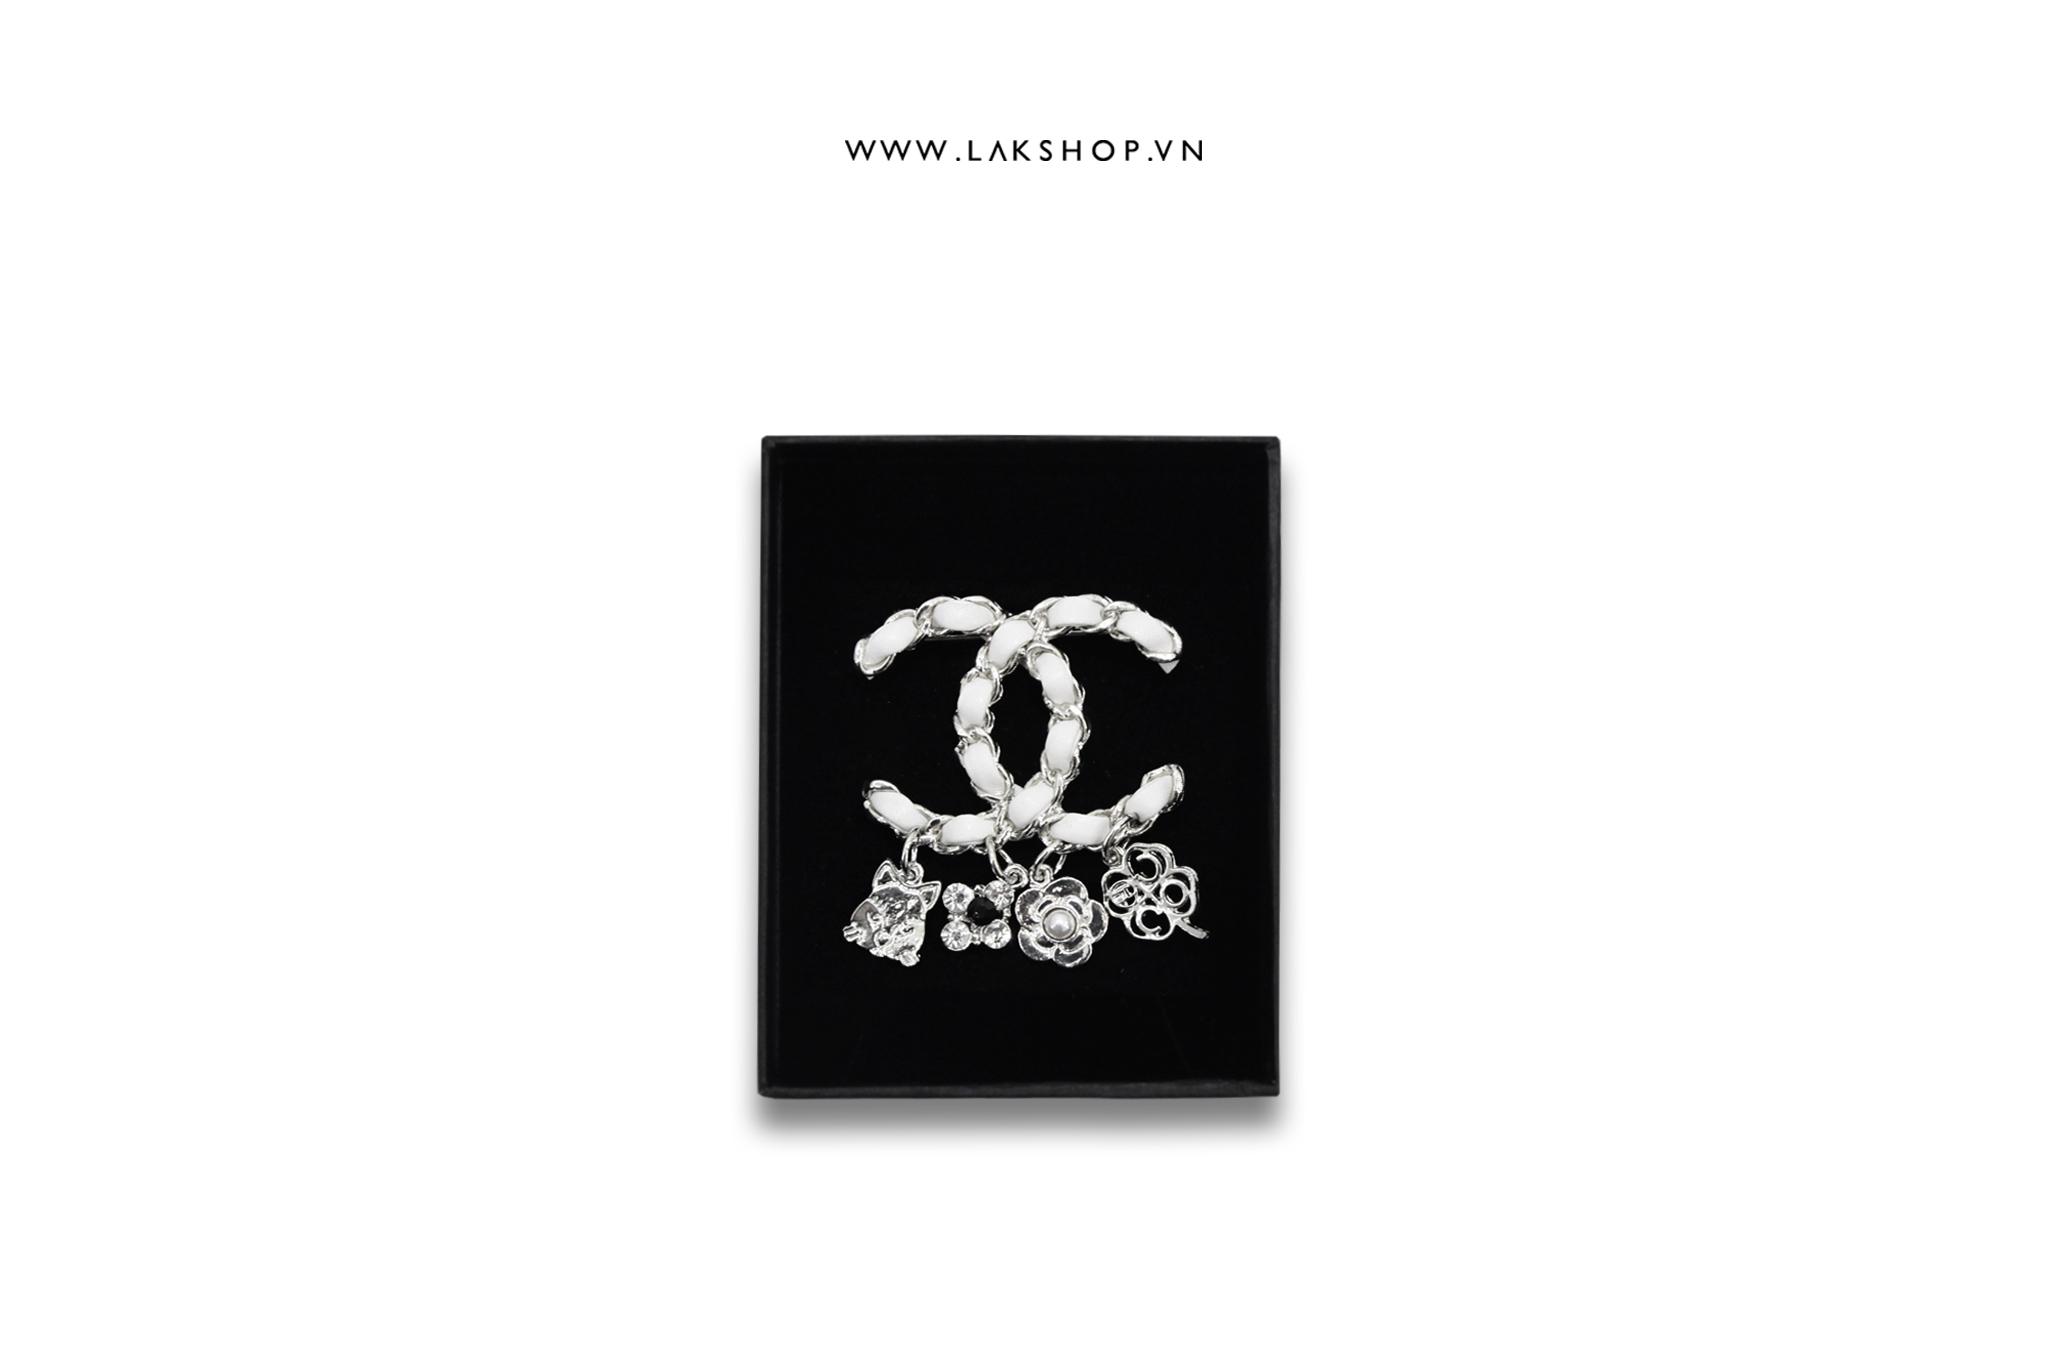 Trâm Cài Chanel Logo CC Xích Viền Da Trắng x 4flower